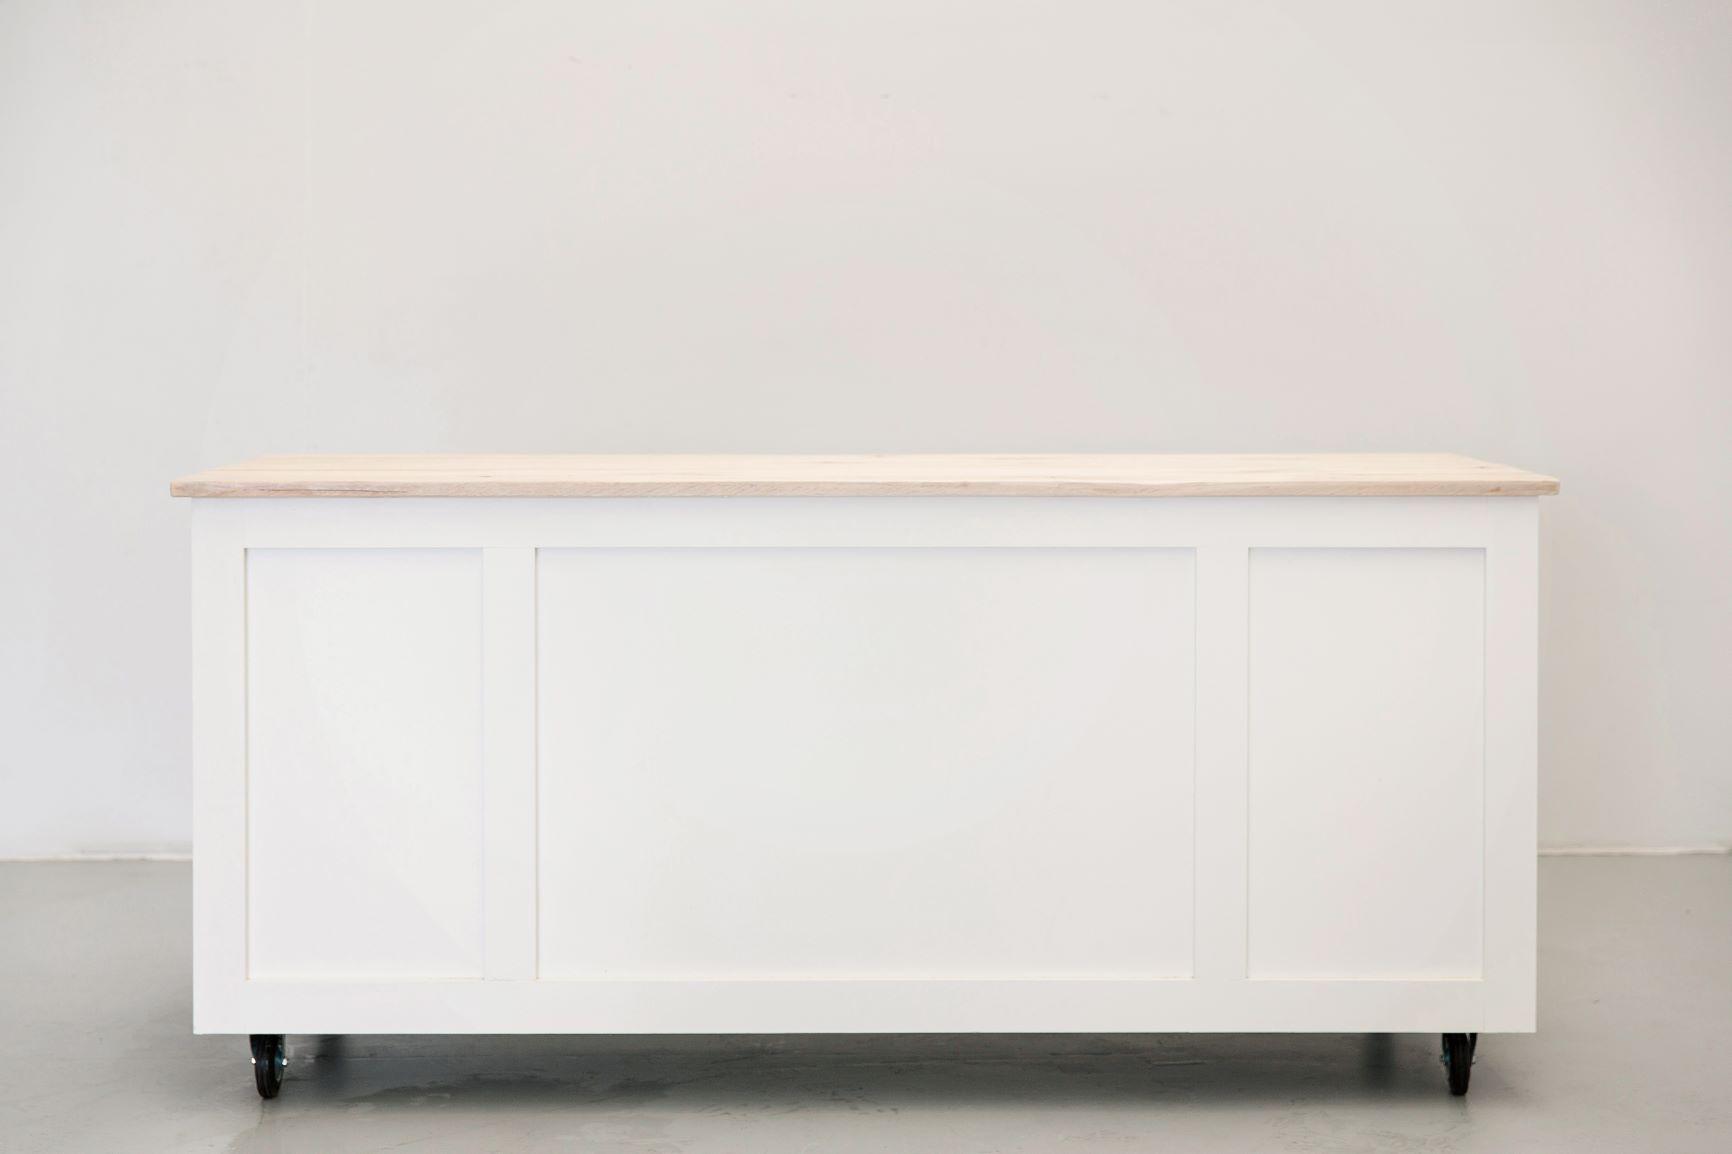 white panelled bar